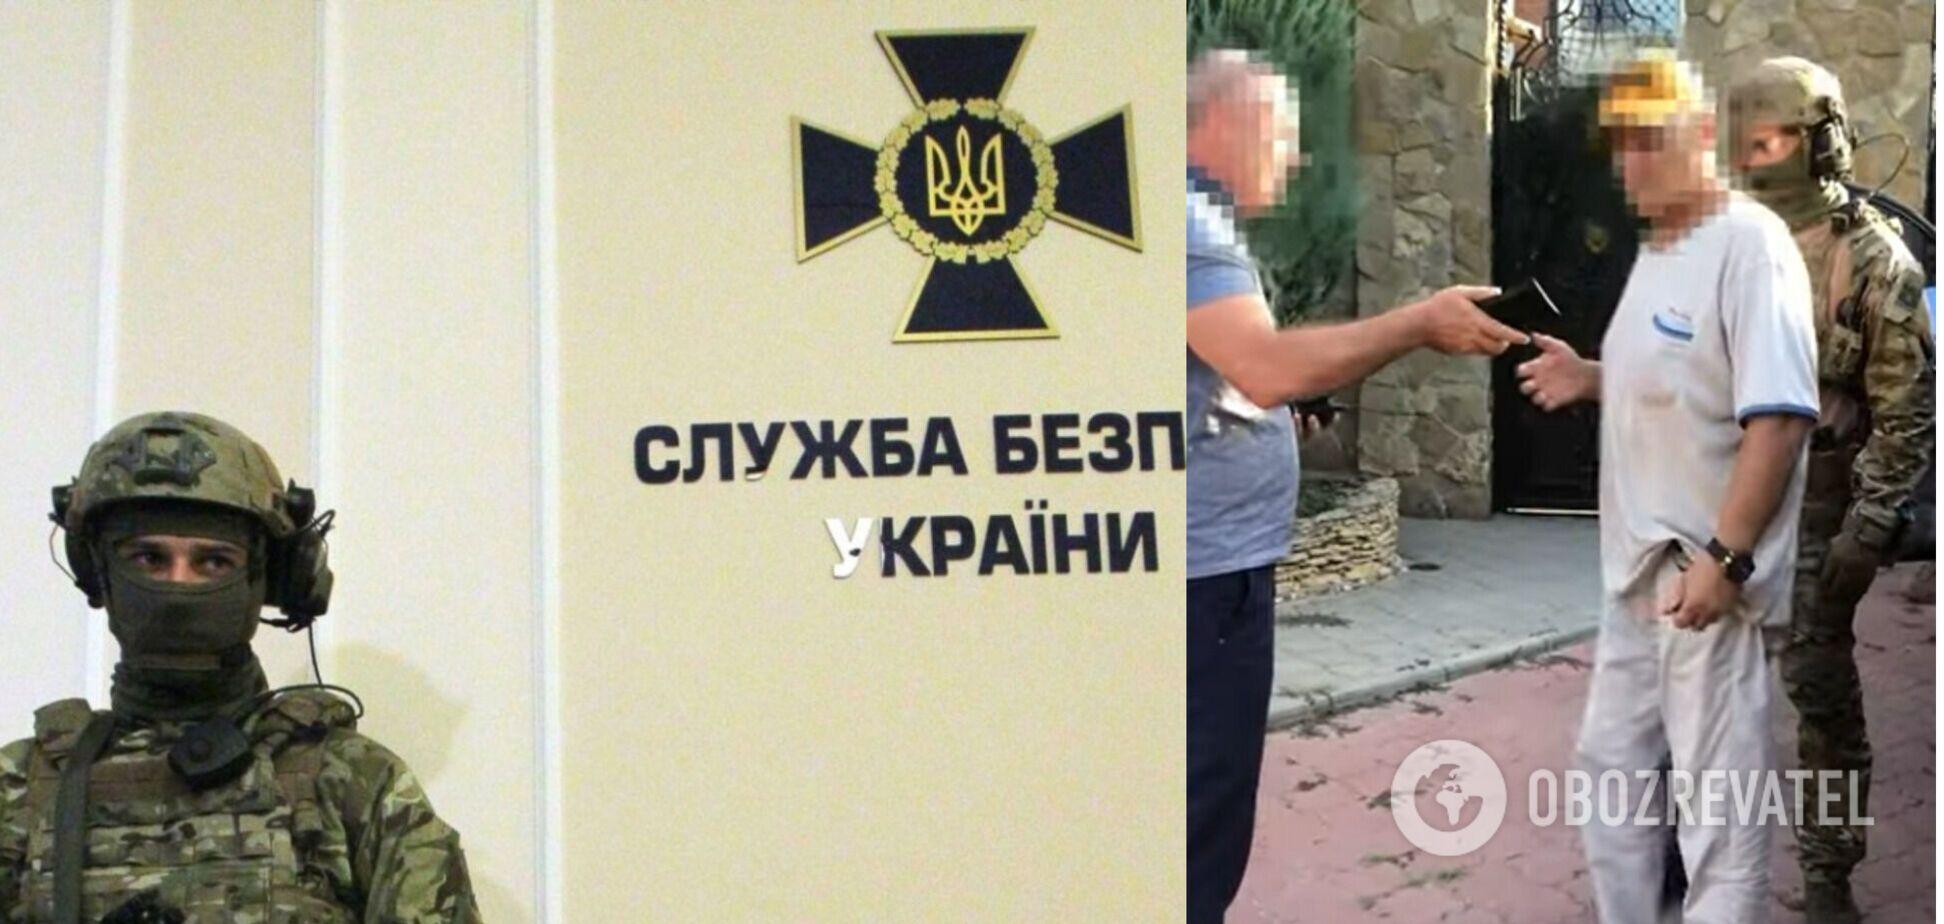 В Україні викрили агента російської військової розвідки: у нього вилучили зброю та вибухівку